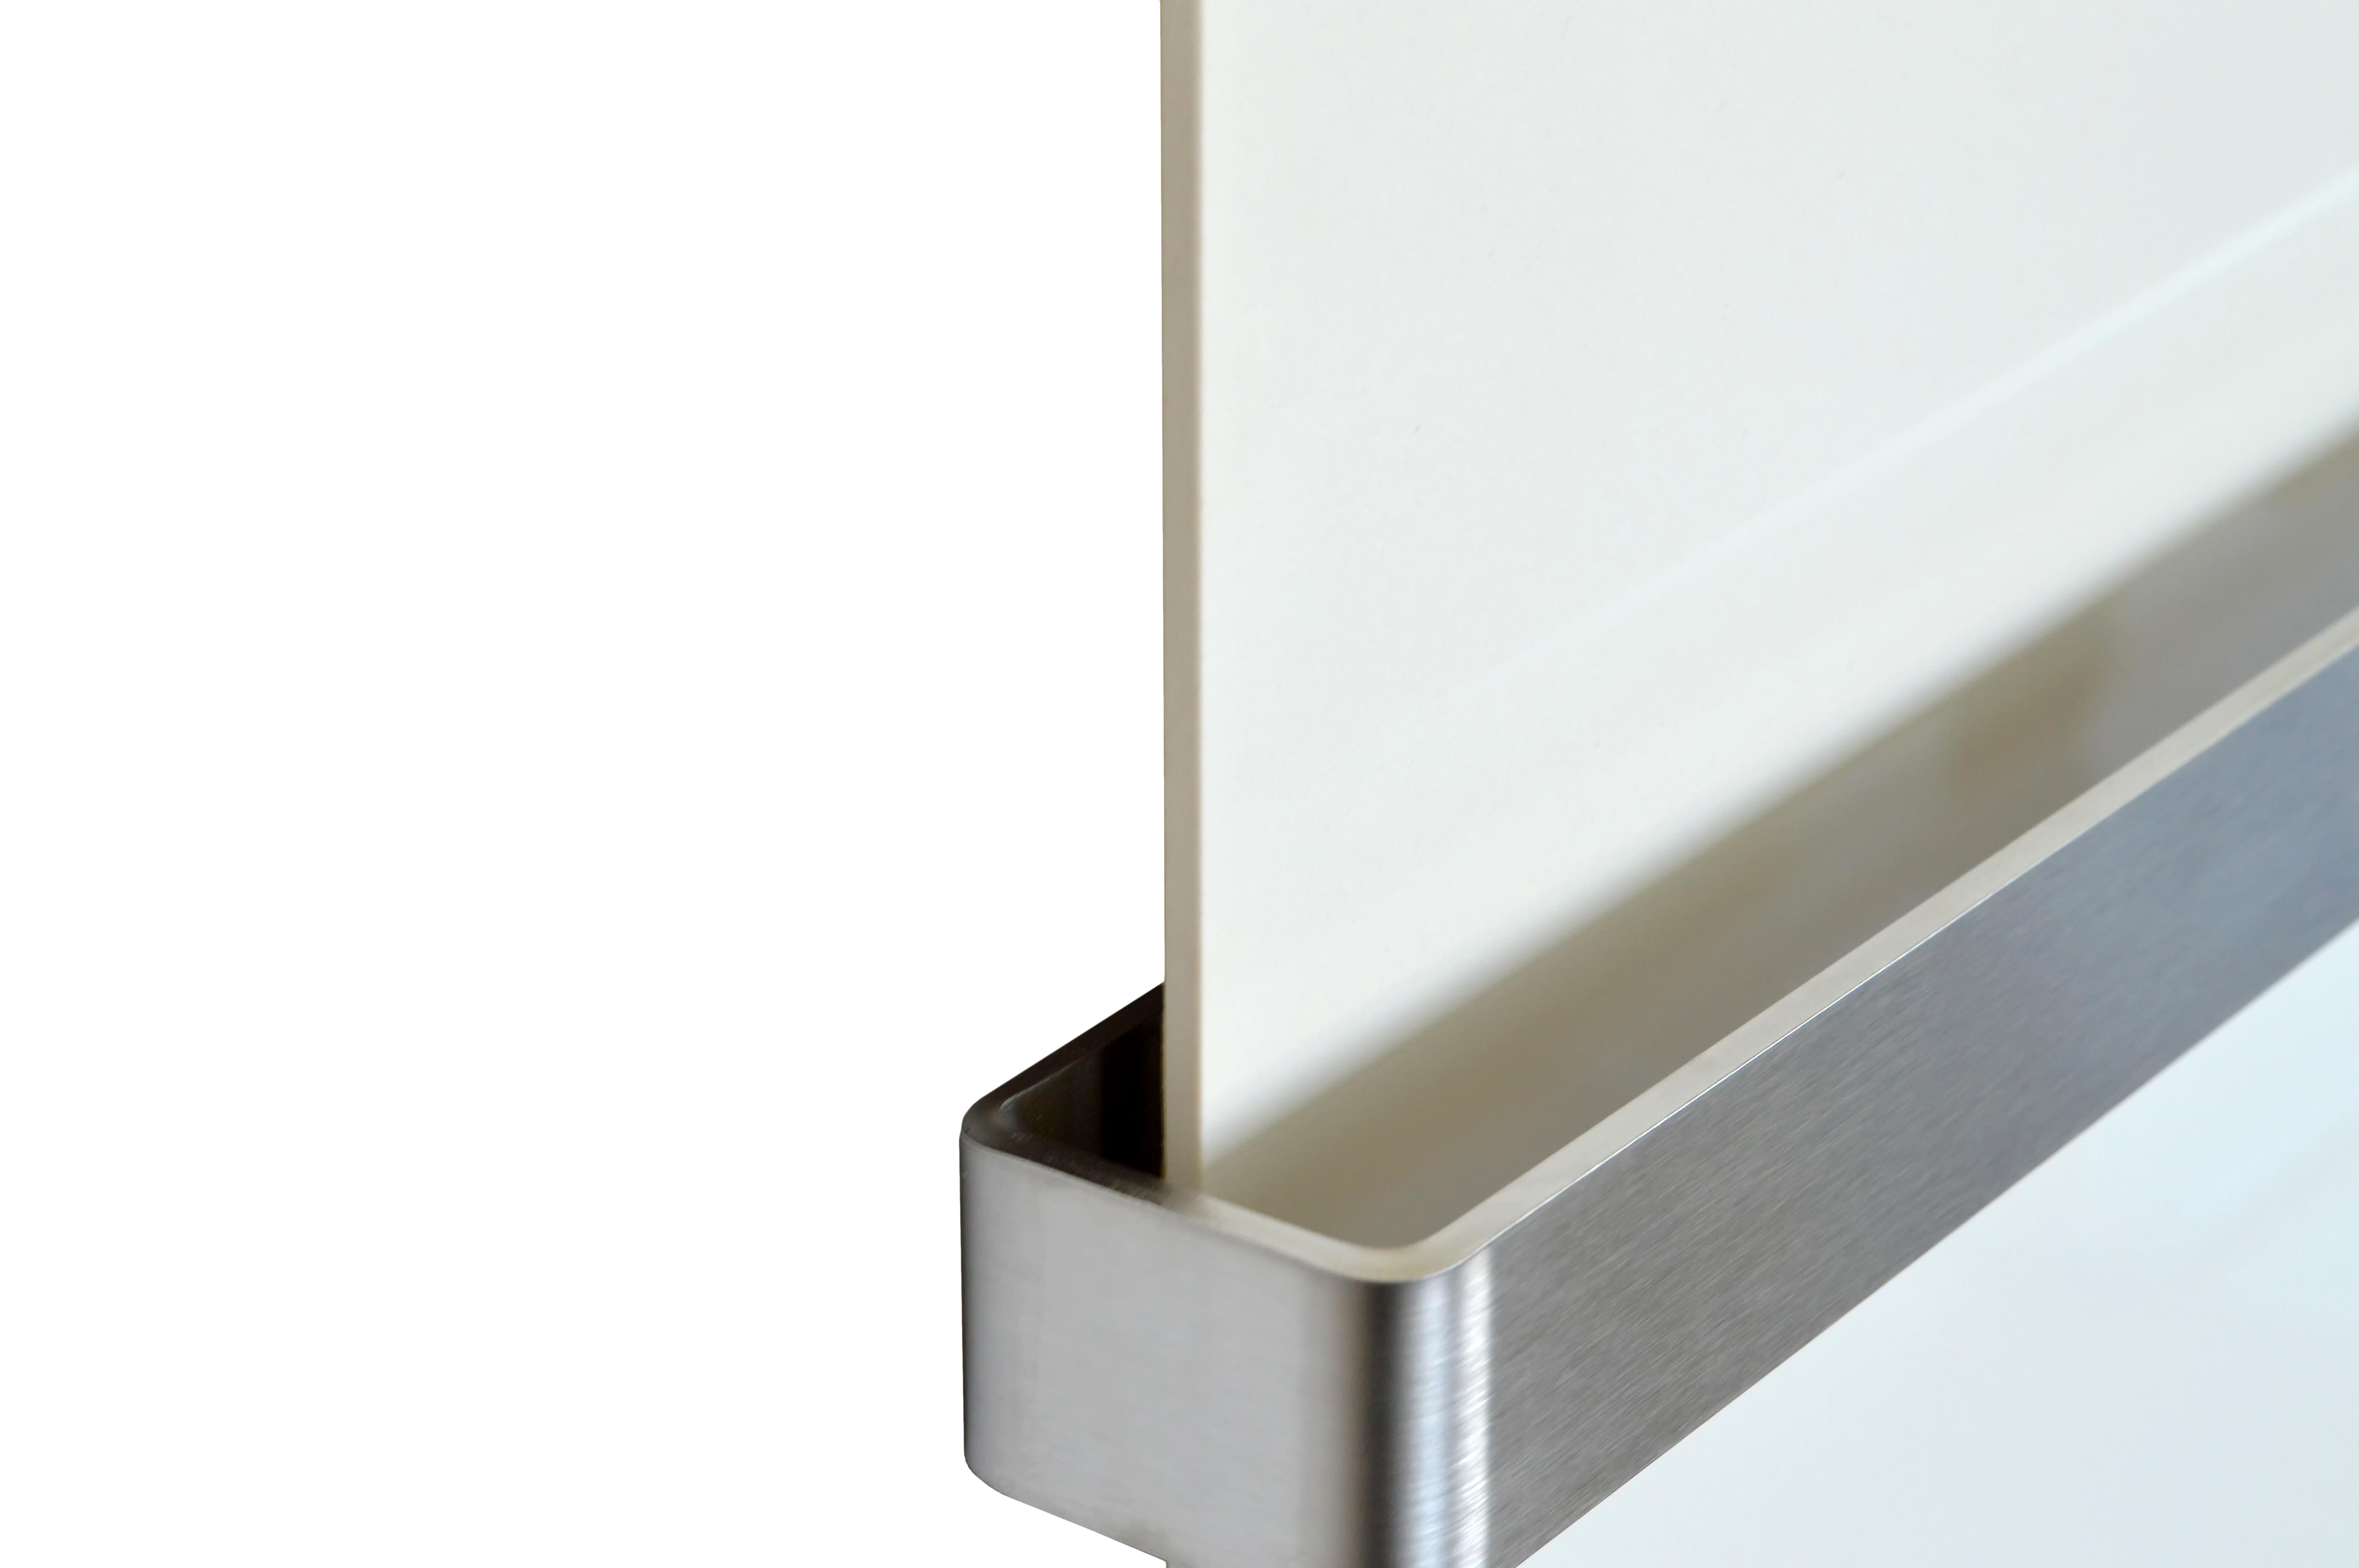 Keramische Verwarming Badkamer : Infrarood keramiek badkamer verwarming met handdoekbeugel crème wit